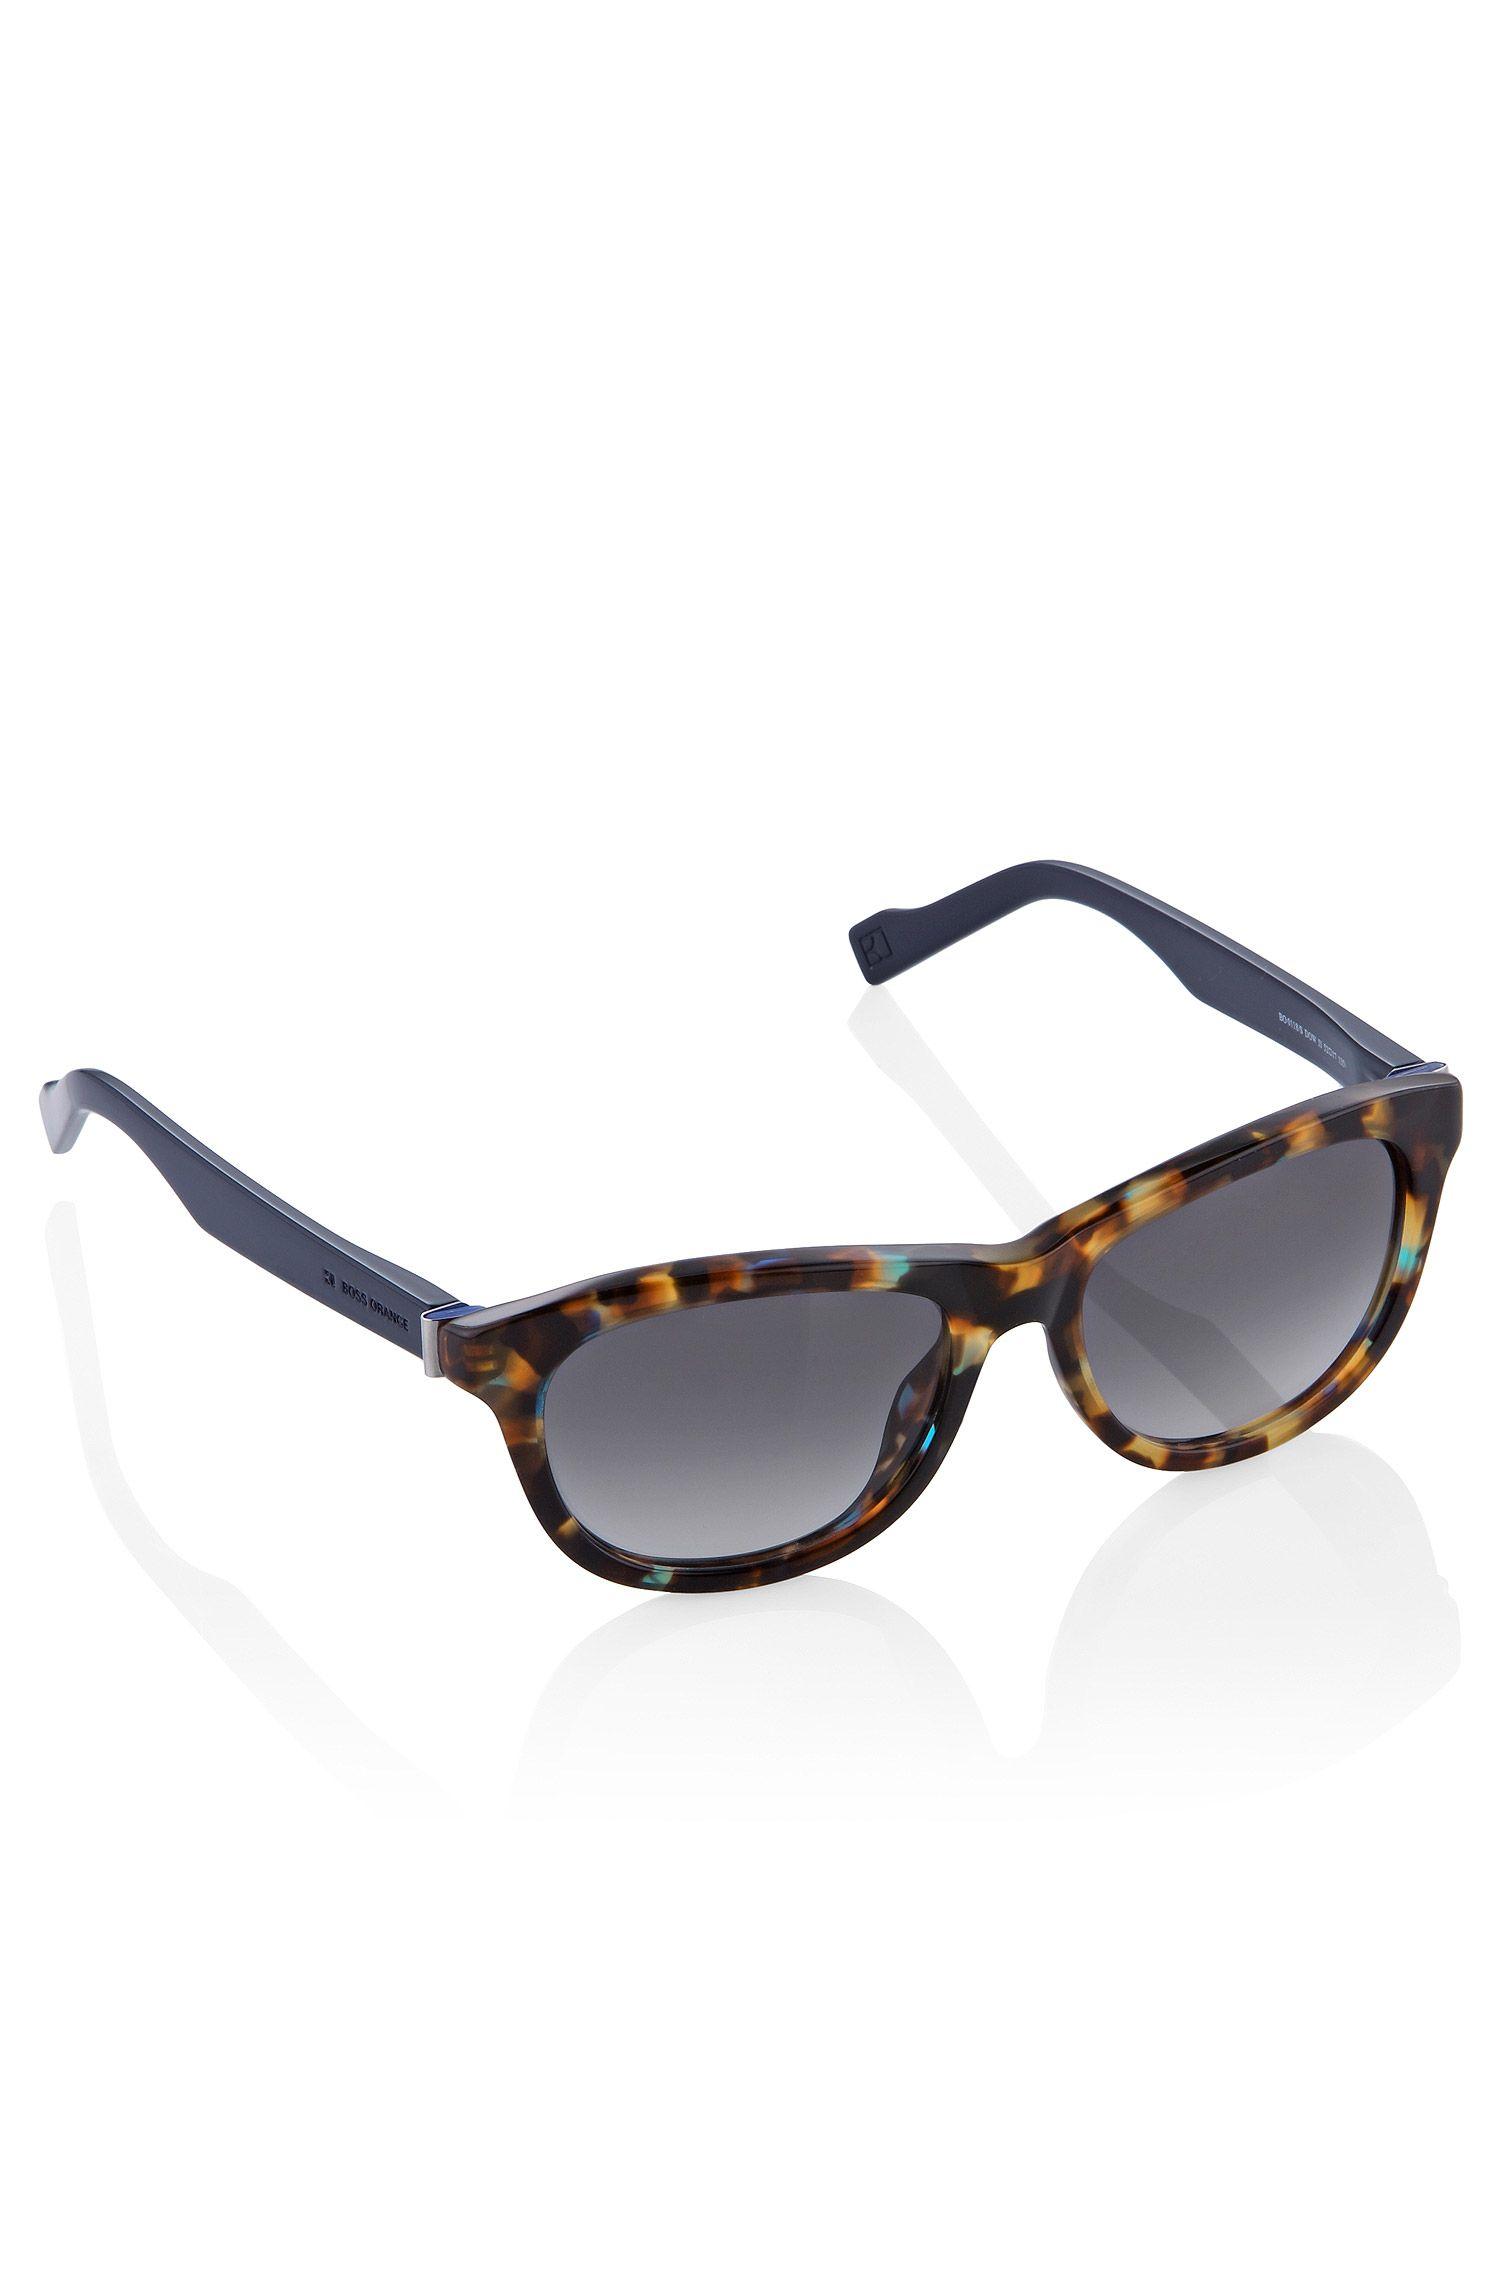 Sonnenbrille ´BO 0118/S` mit Farbverlauf